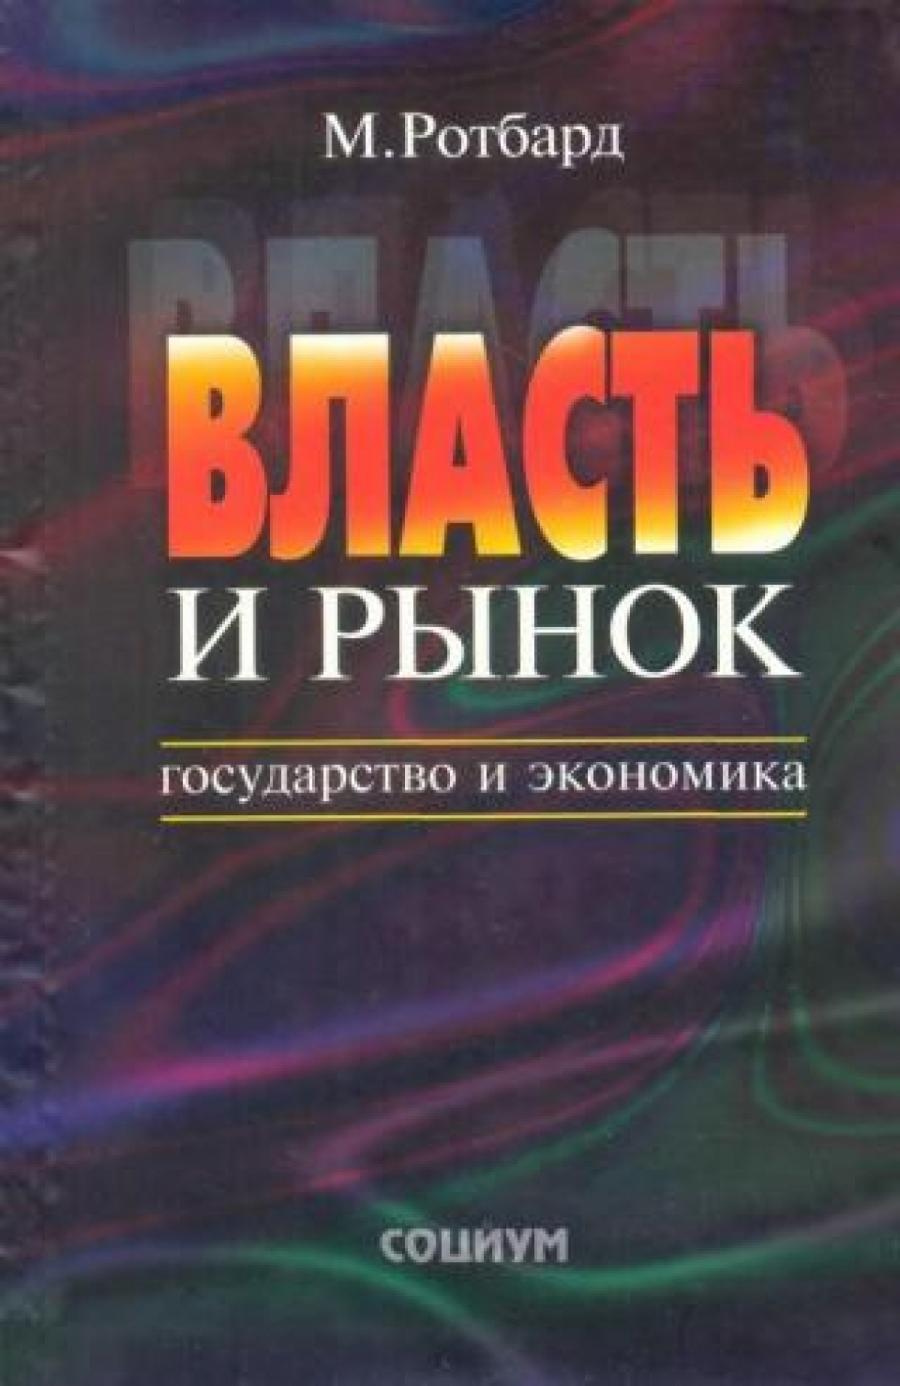 Обложка книги:  ротбард м. - власть и рынок. государство и экономика